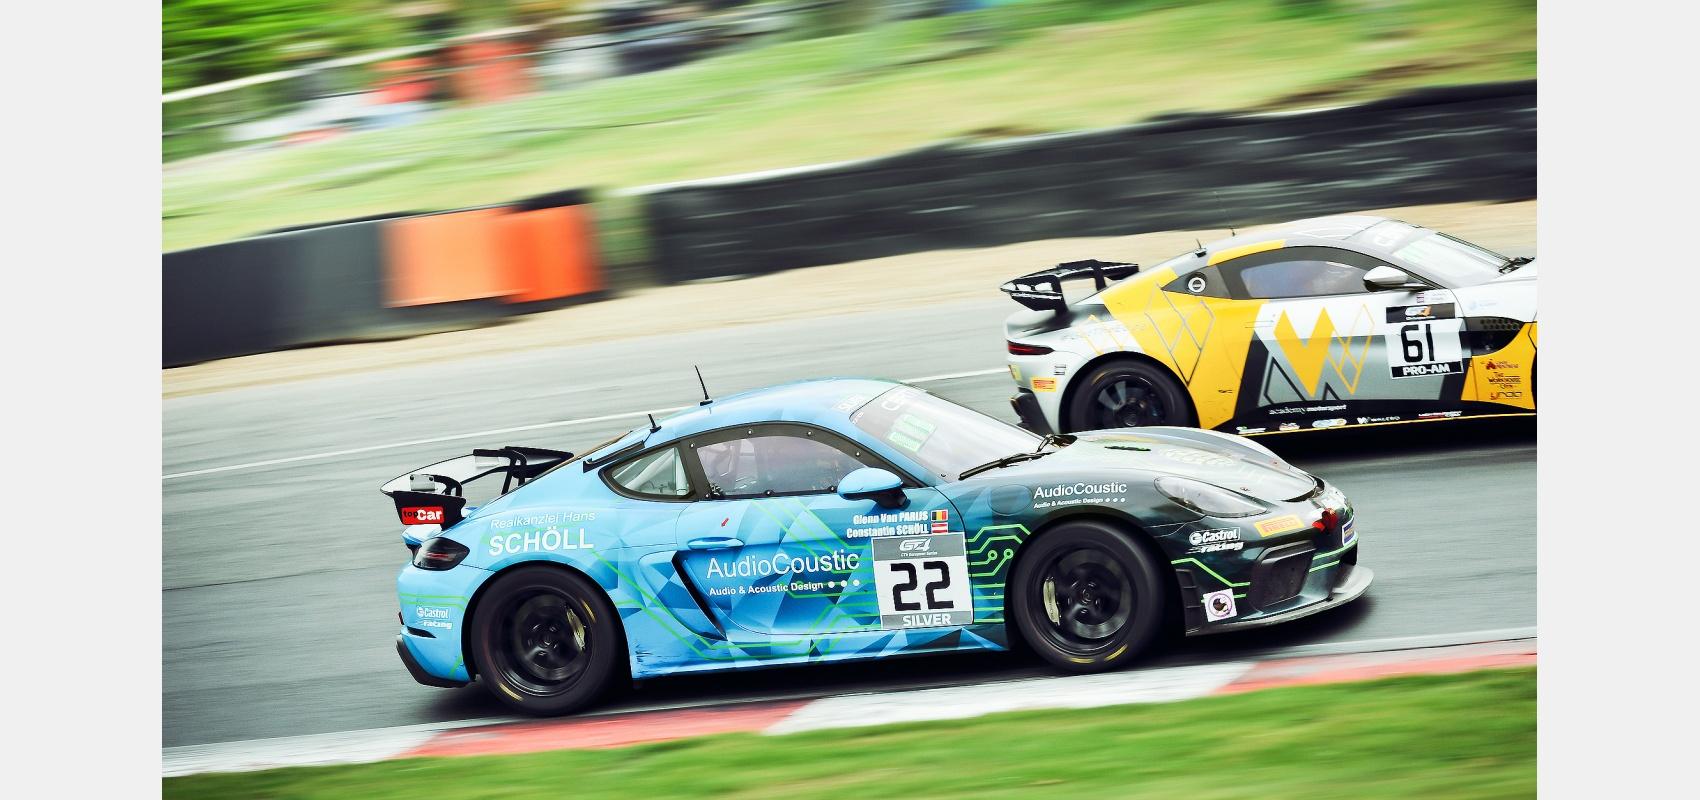 GT4 European Series. 718 Porsche Cayman & Aston Martin GT4.